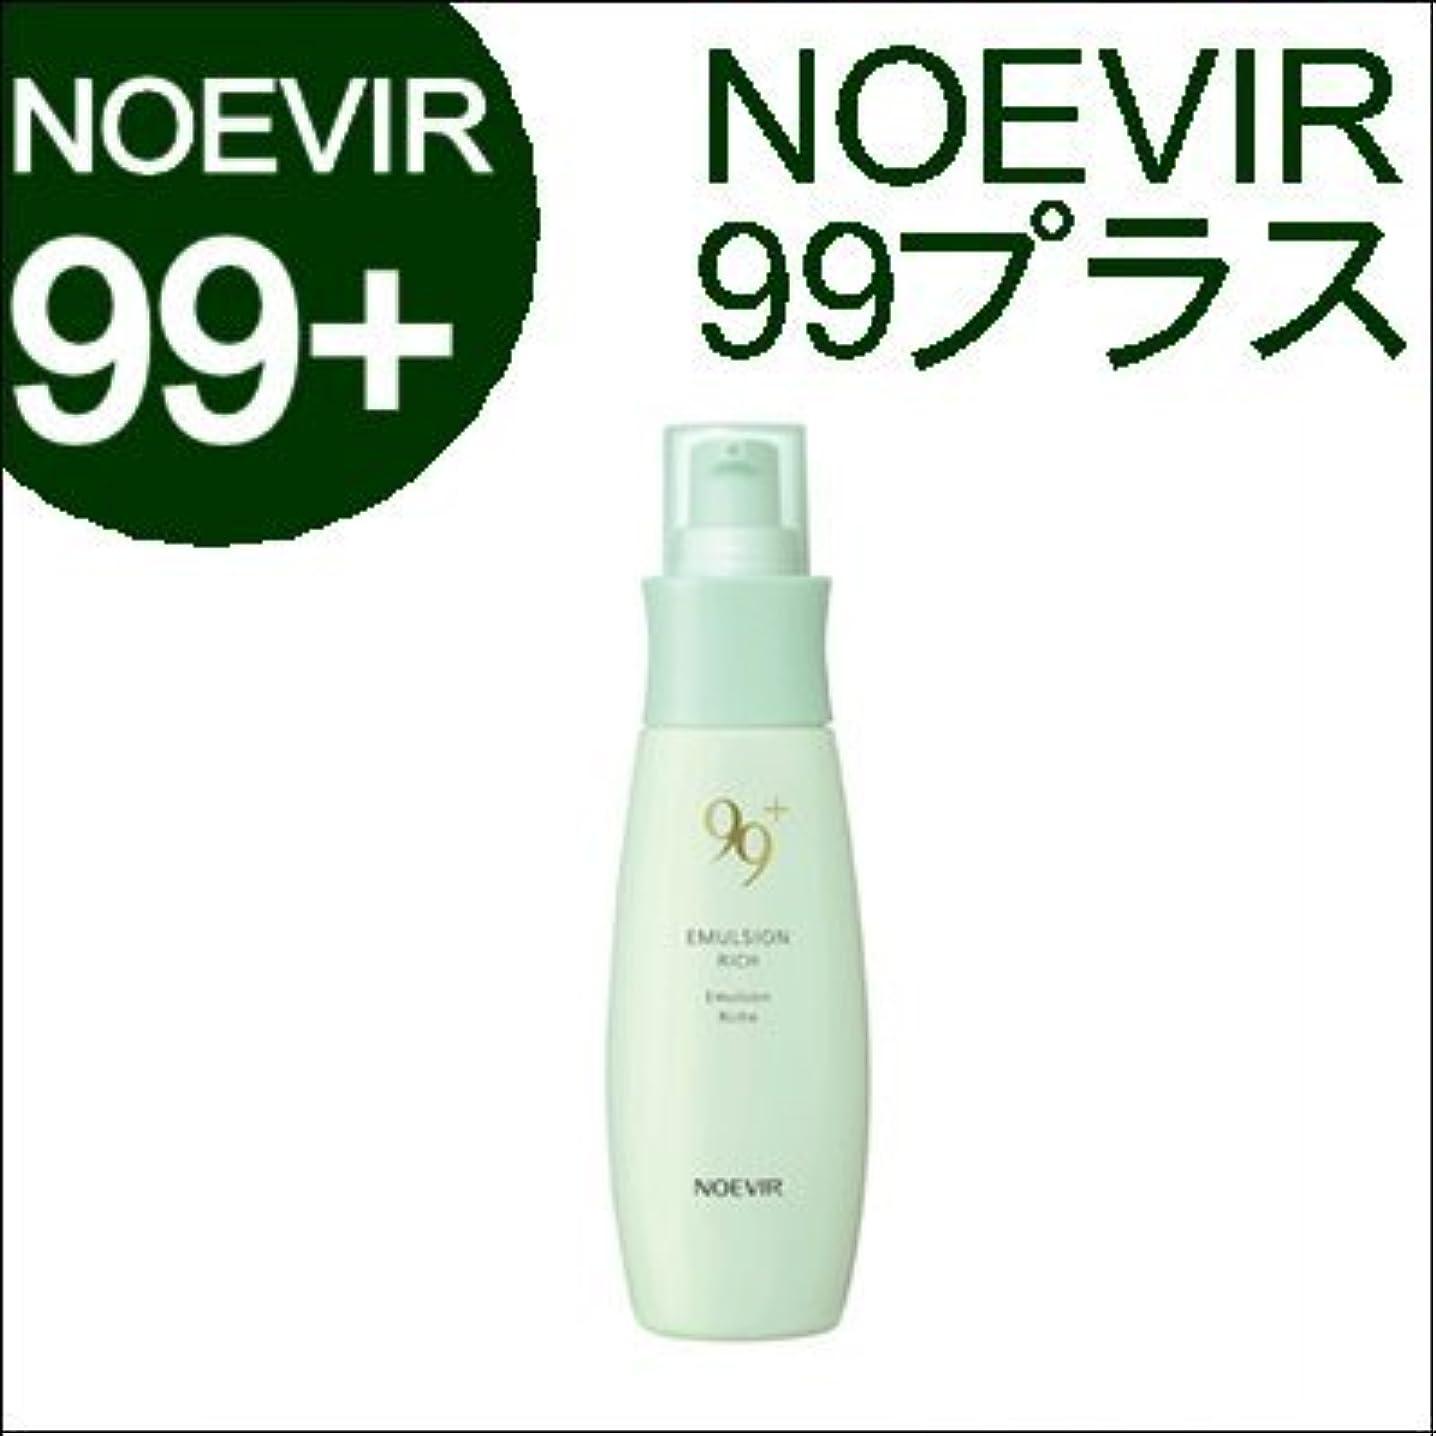 起こる望み乳剤ノエビア 99プラス ミルクローション(リッチ) 110g [並行輸入品]